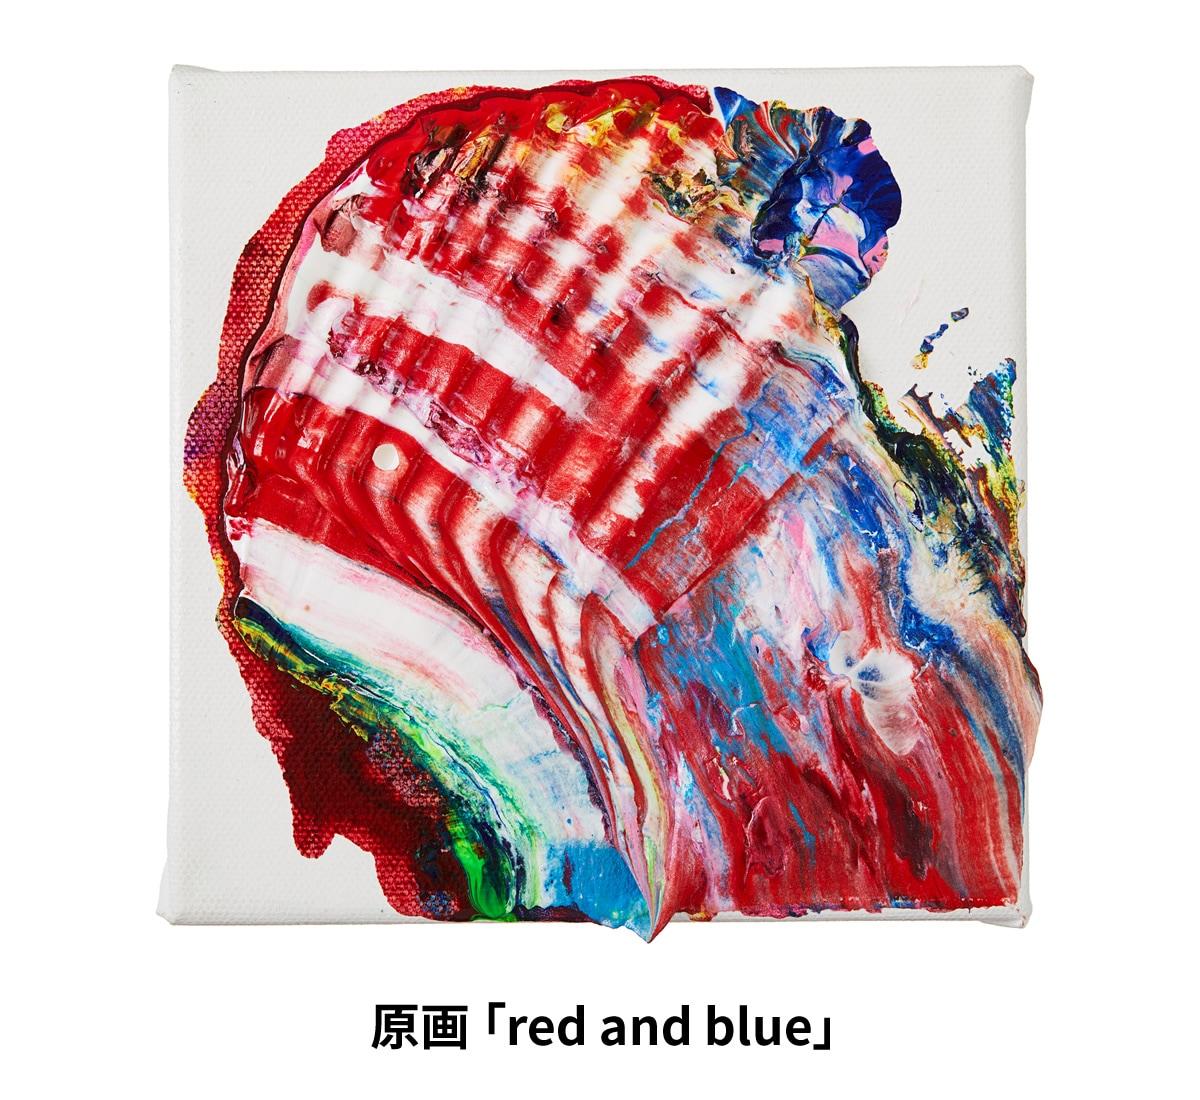 原画 「red and blue」